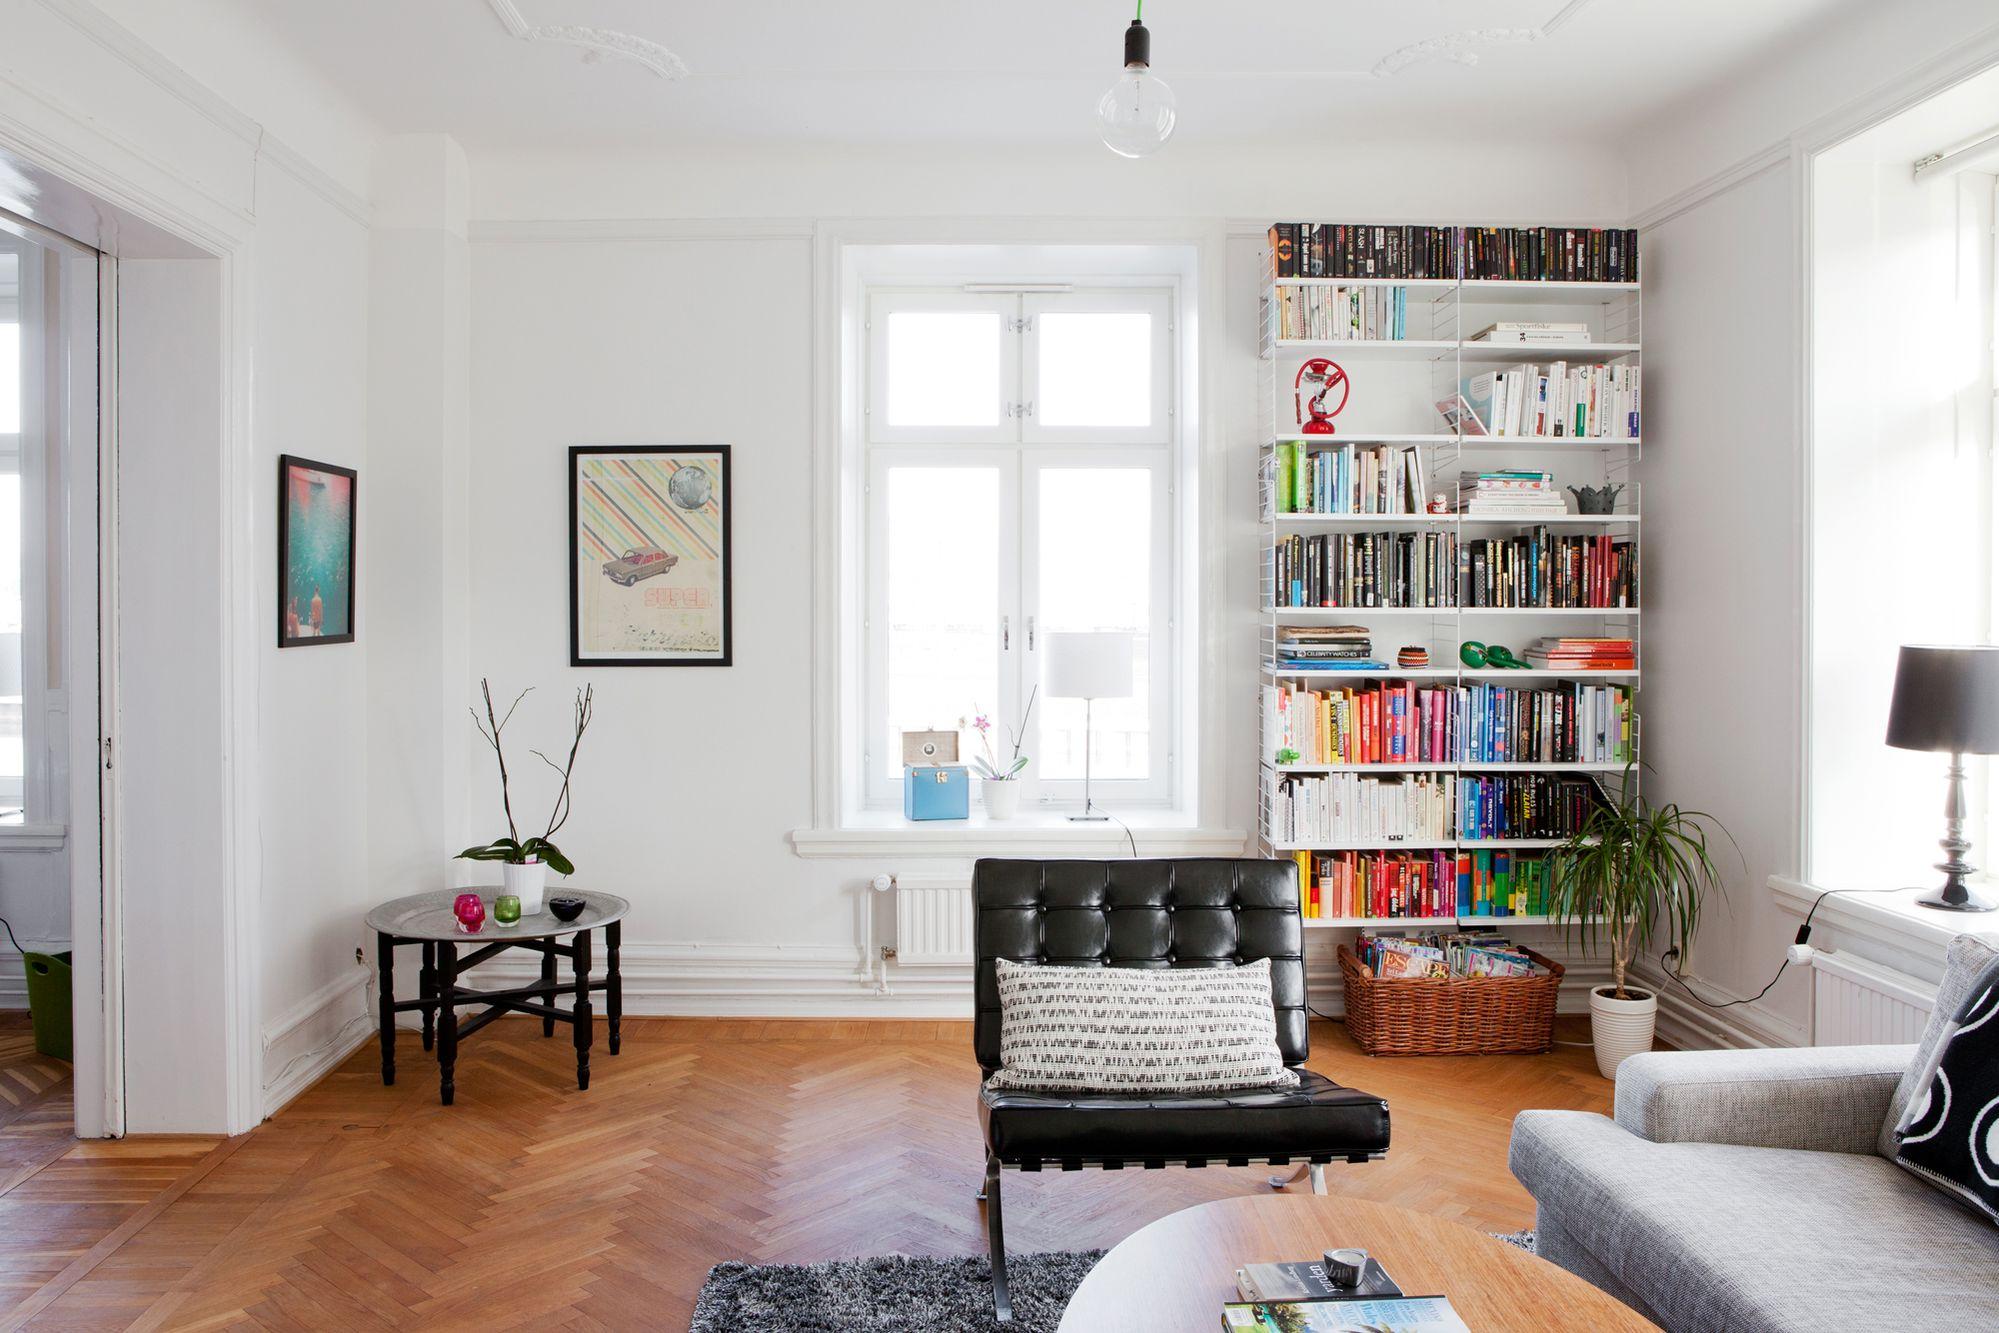 Oficina para dos en el coraz n de la casa blog decoraci n estilo n rdico delikatissen - Despachos en casa decoracion ...